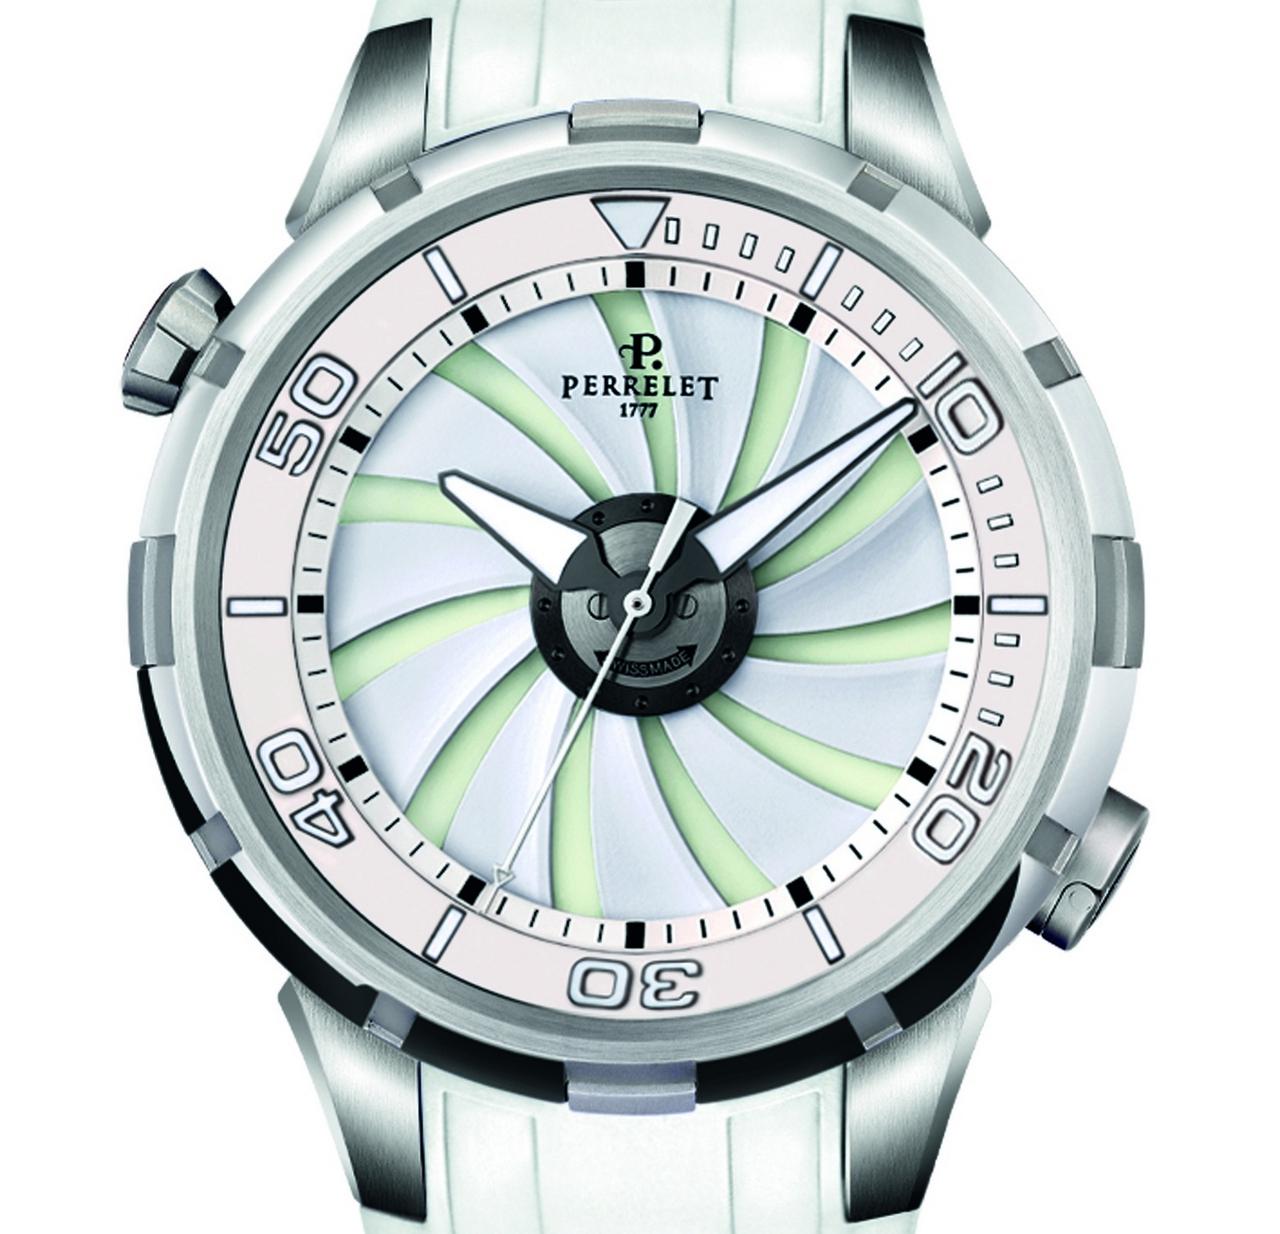 perrelet-turbine-diver_0-100_3